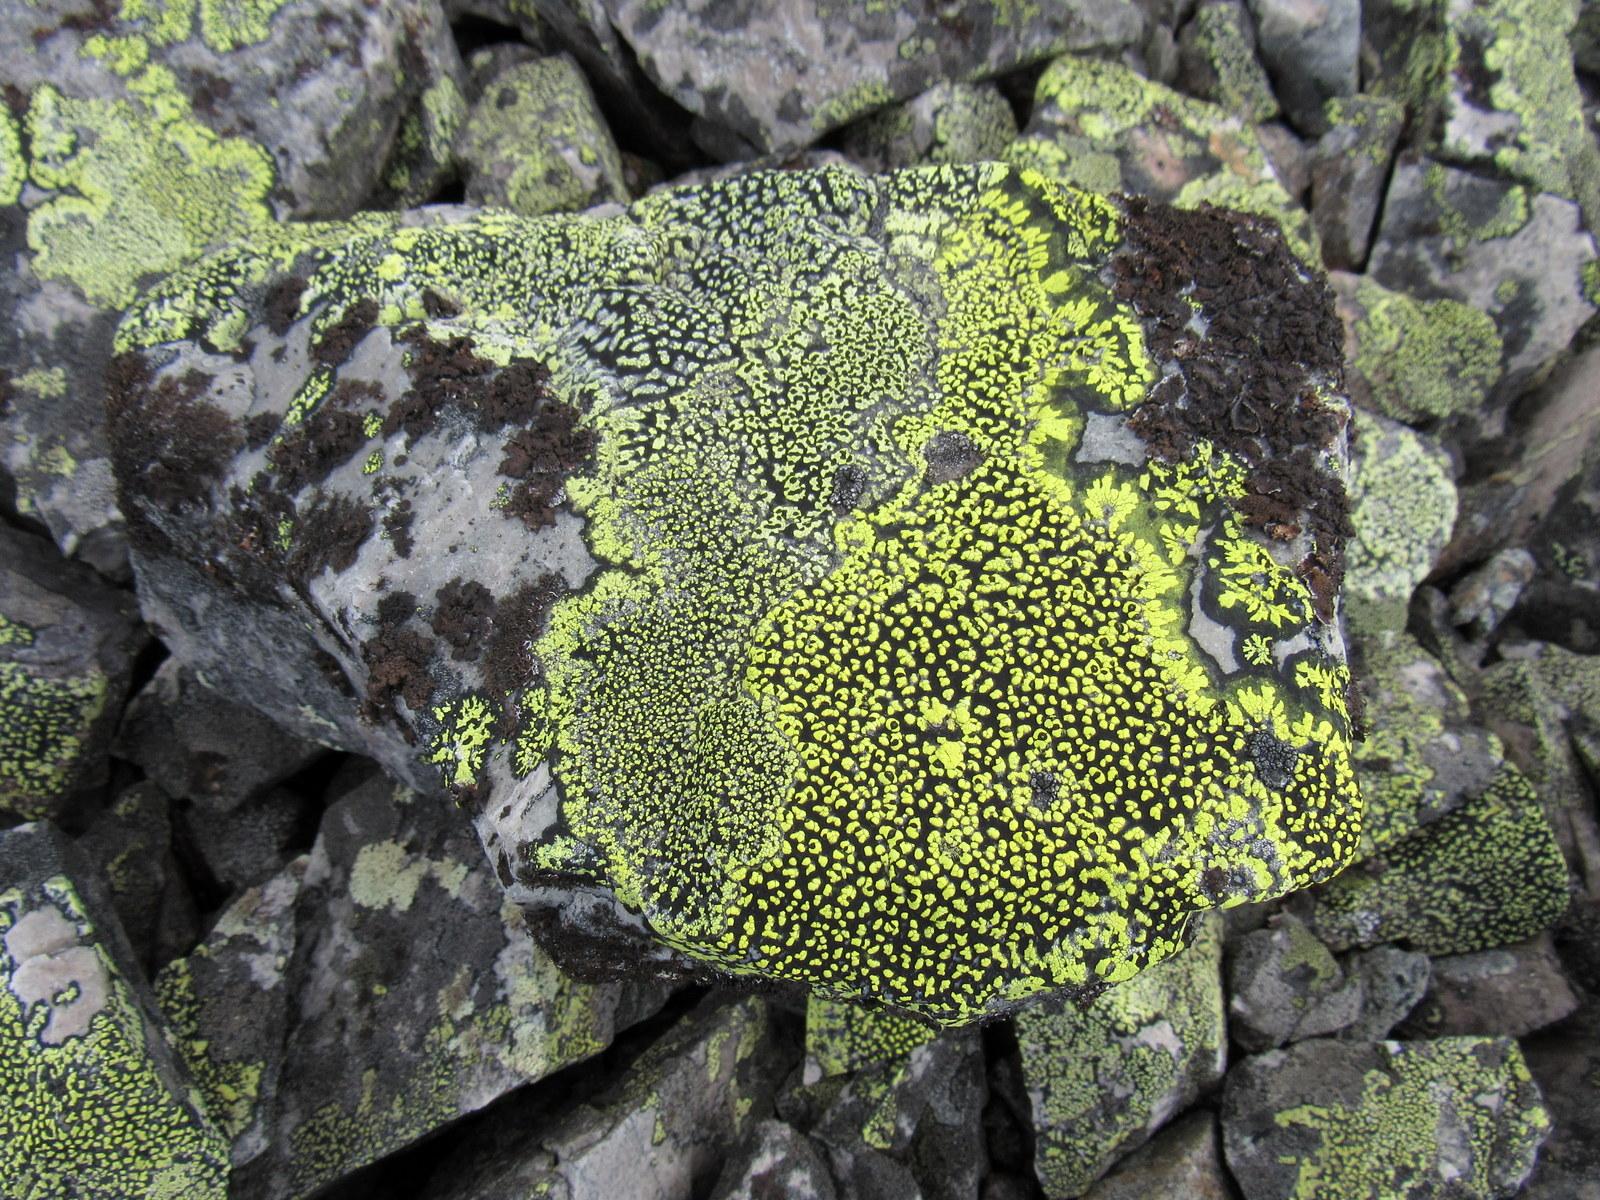 Kesänkitunturi & Pirunkuru. Vaikka en enää tässä vaiheessa kivien ylin ystävä olekaan, on myönnettävä: värit ovat aika kauniita.